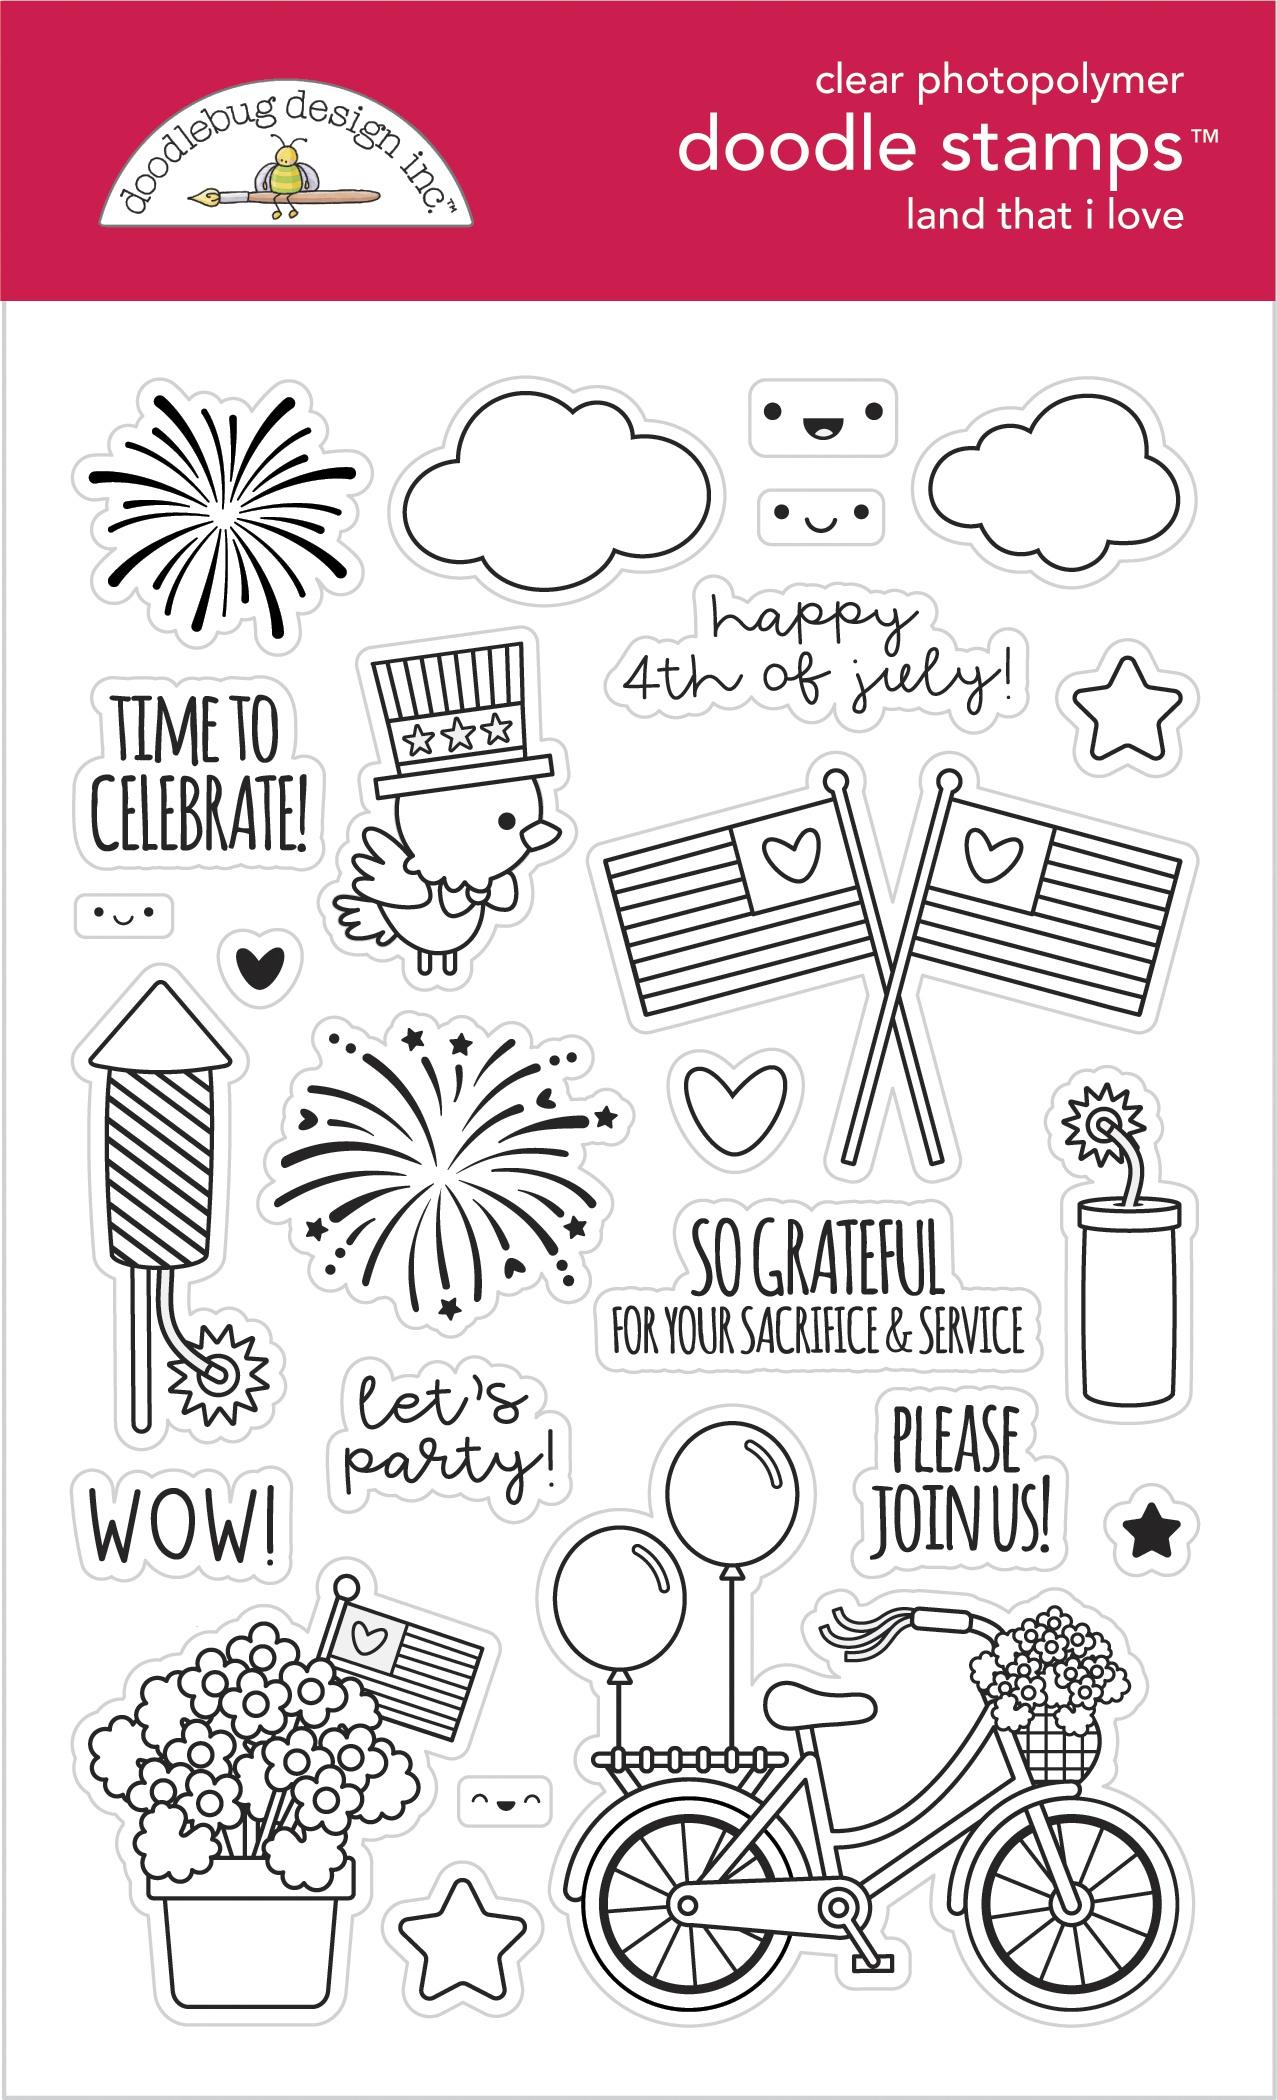 Doodlebug Clear Doodle Stamps-Land That I Love